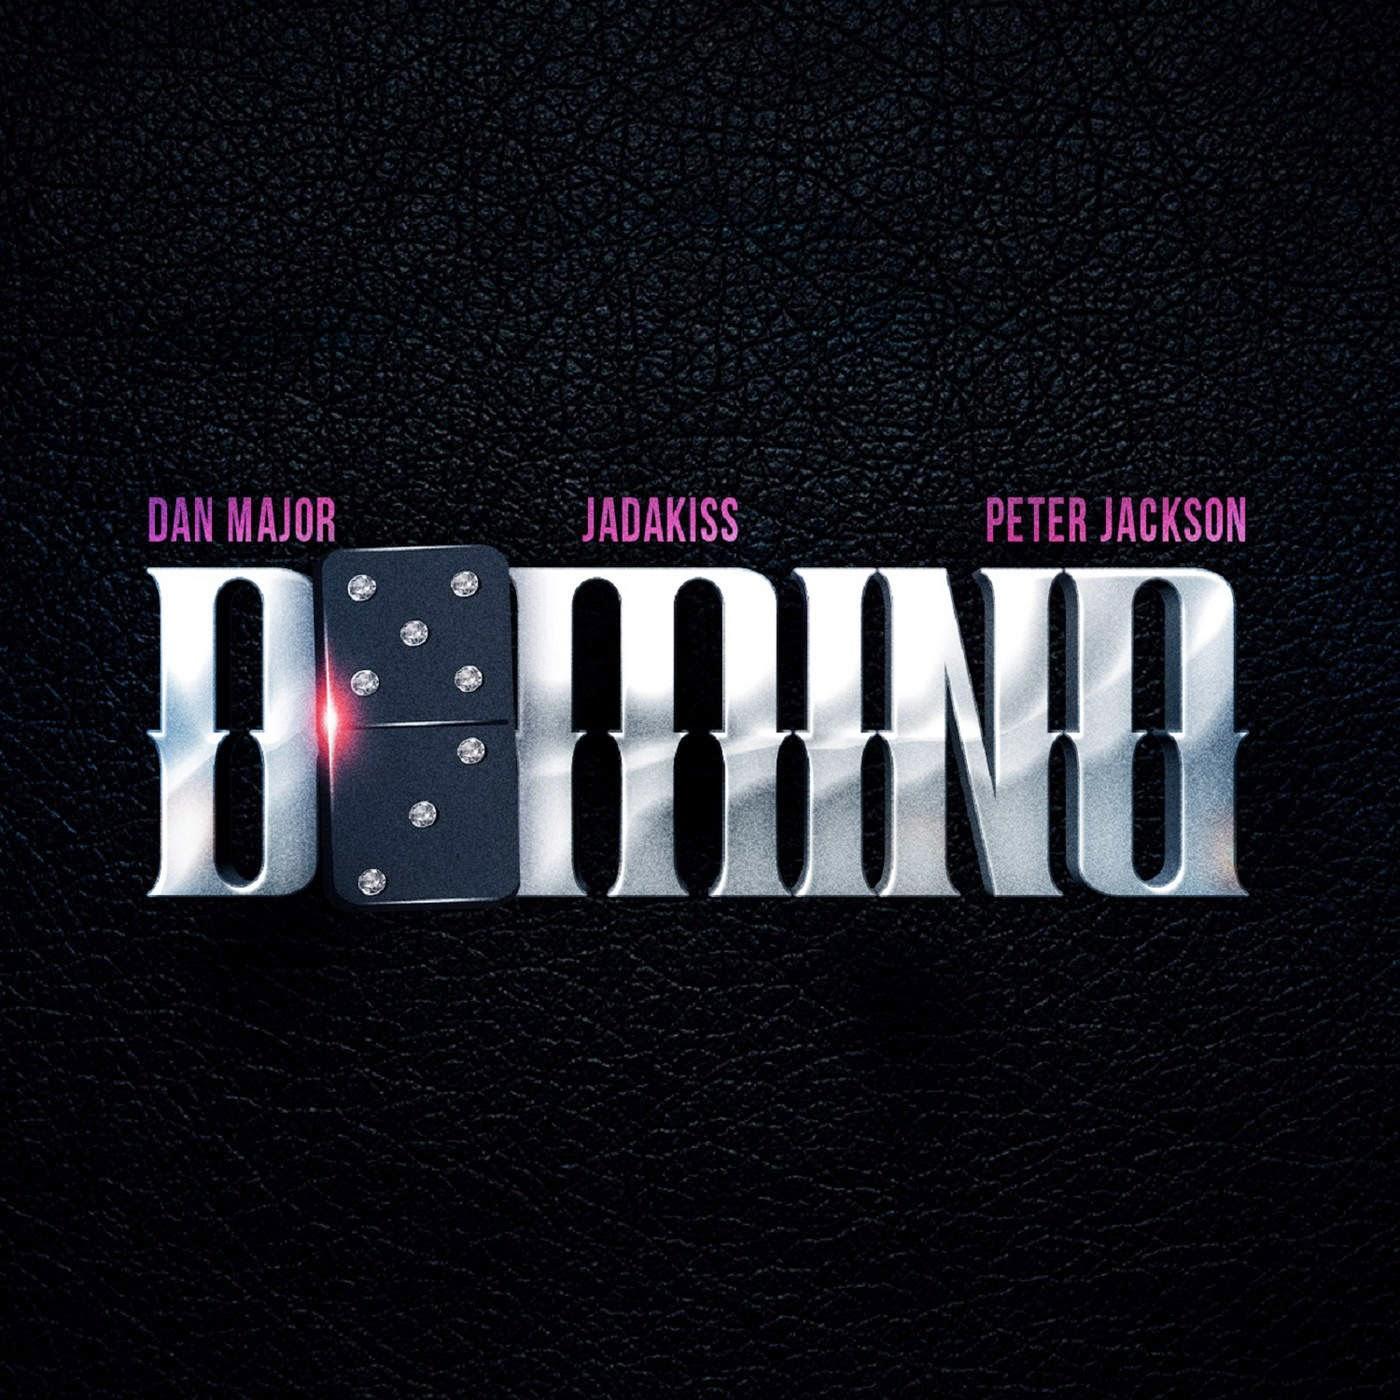 Dan Major - Domino (feat. Jadakiss & Peter Jackson) - Single Cover